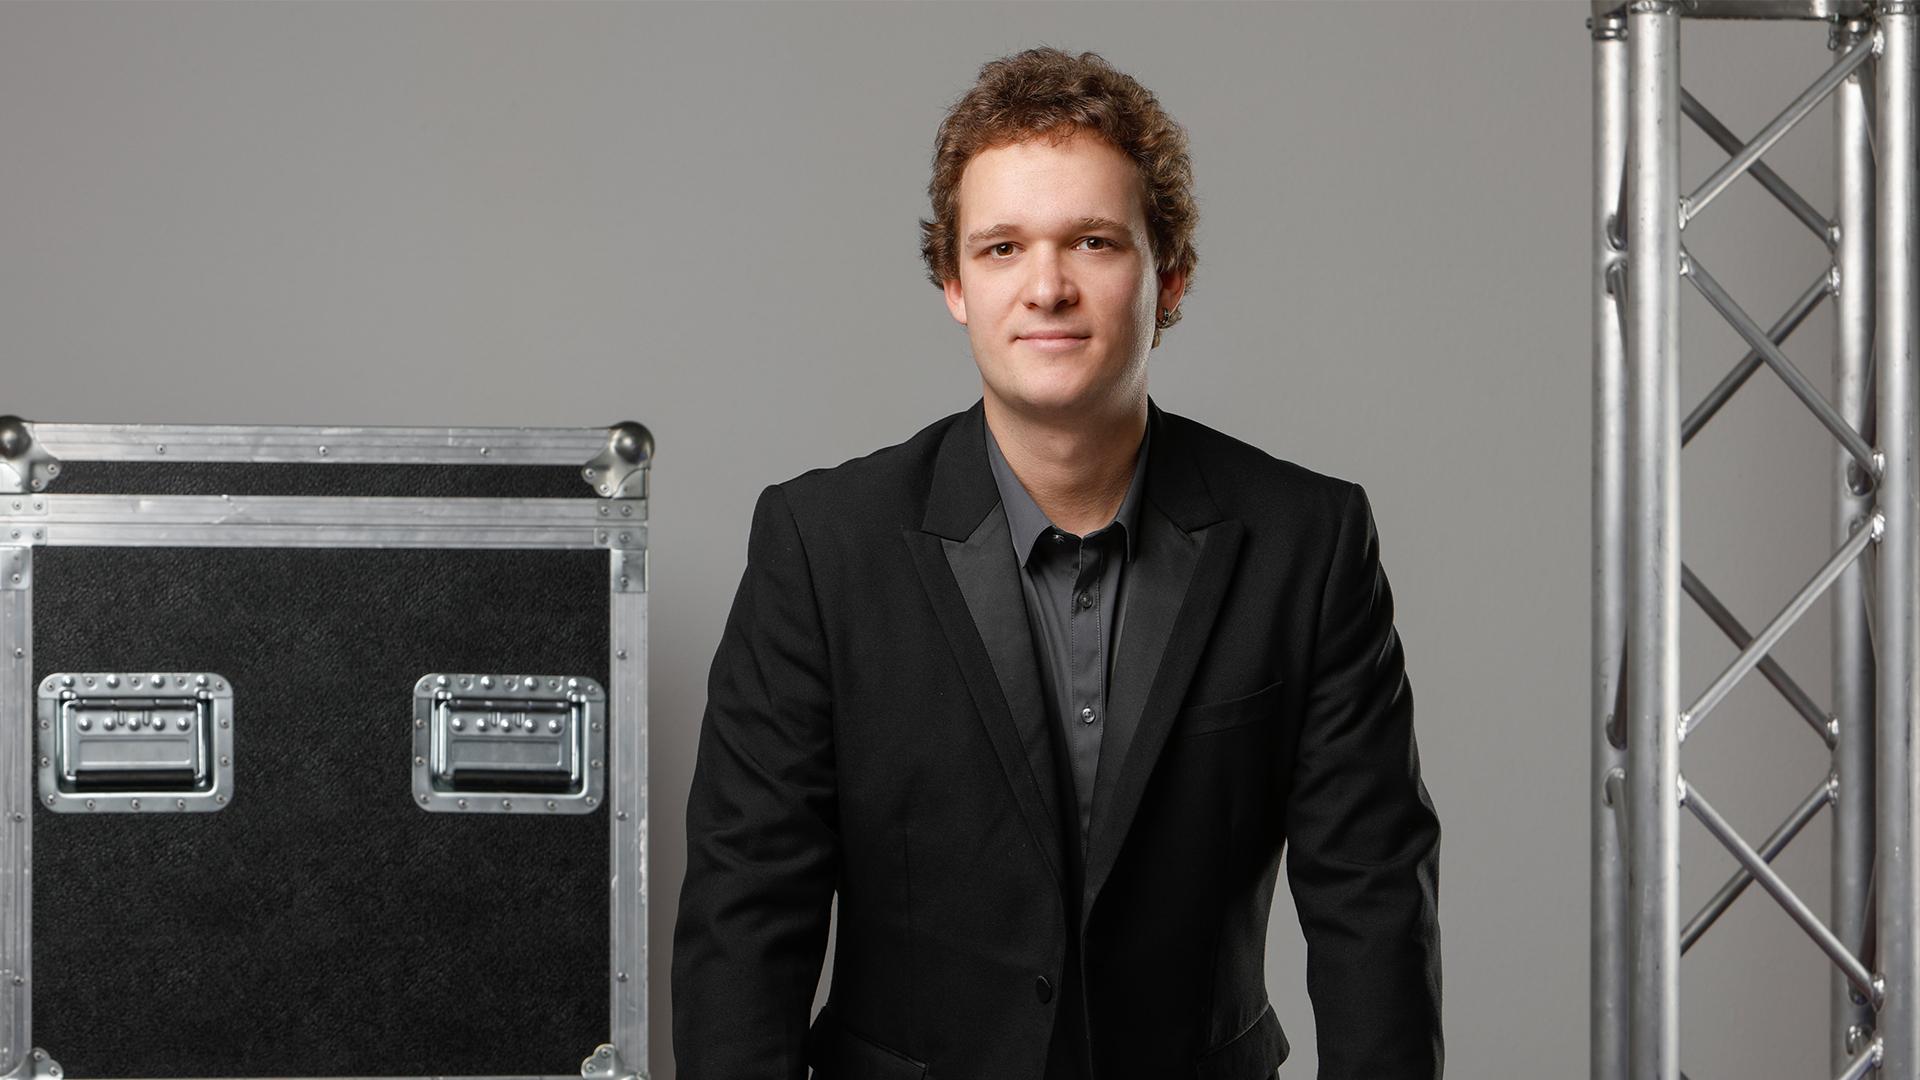 Ralf Suiter